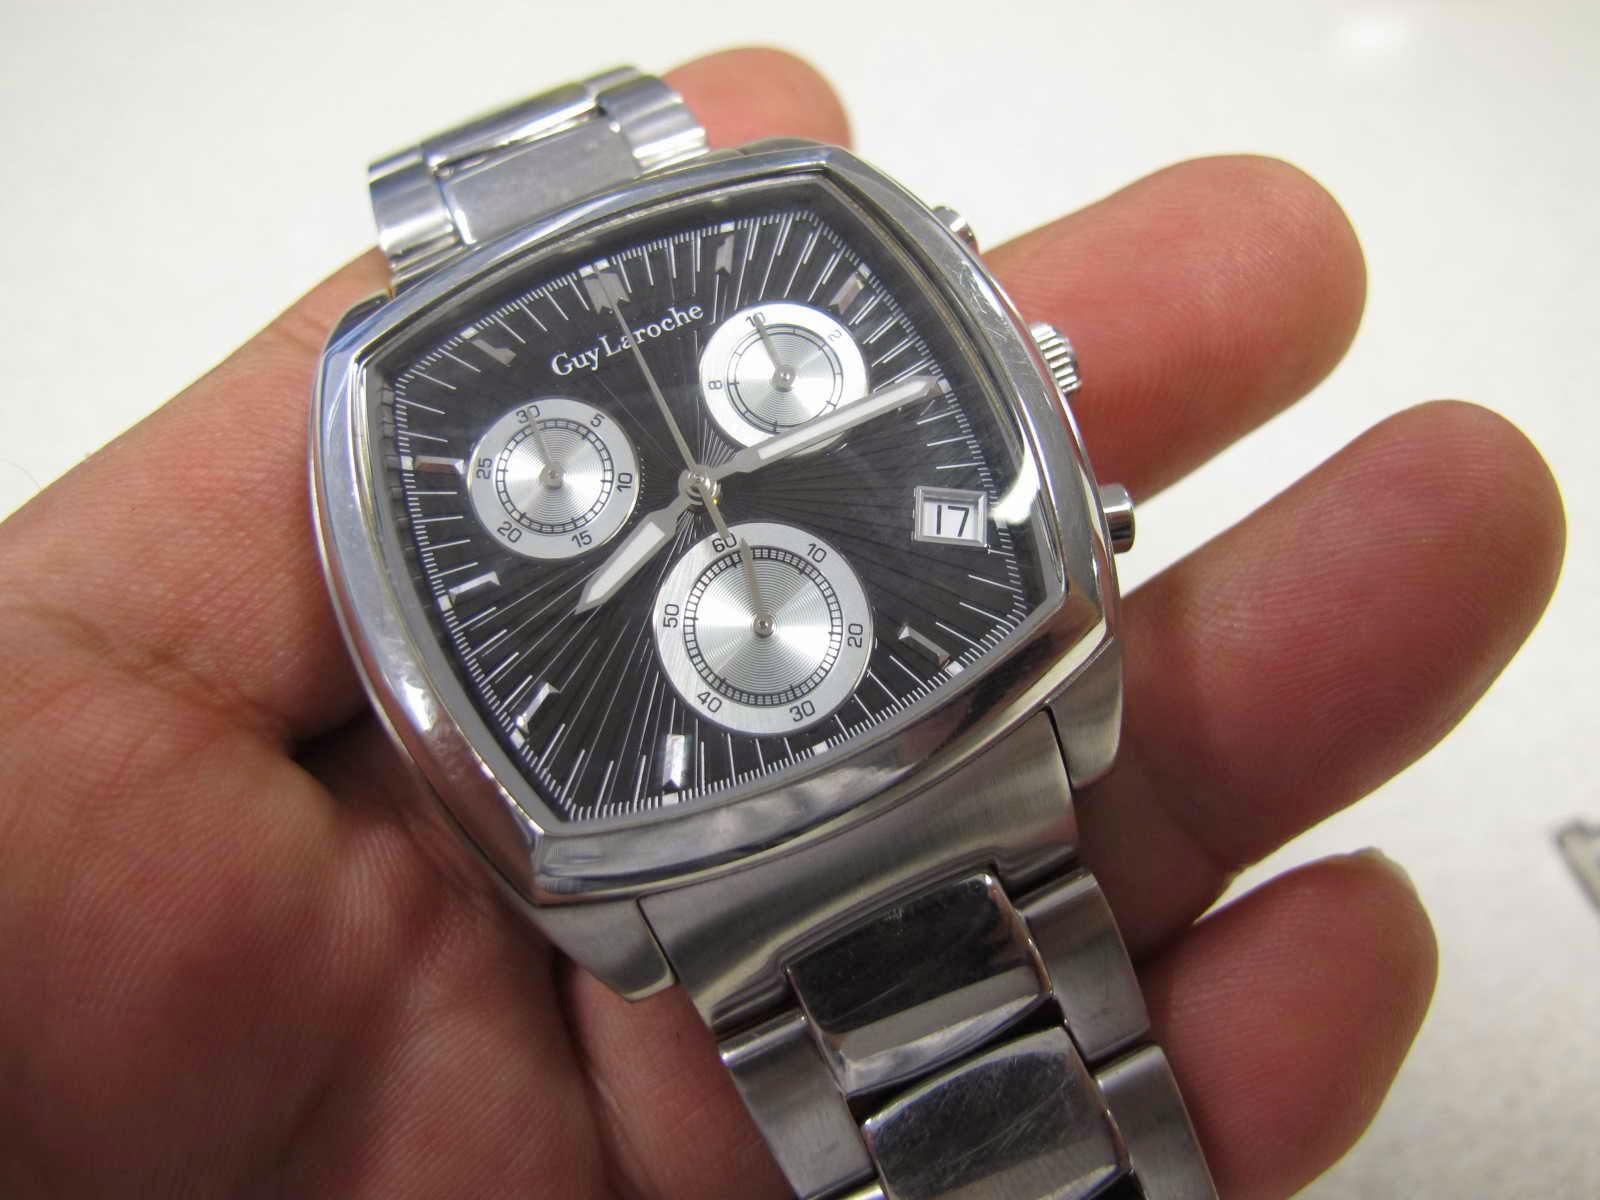 Cocok untuk Anda yang sedang mencari jam tangan Quartz Chronograph dengan bentuk case Toneau dial hitam GUY LAROCHE CHRONOGRAPH